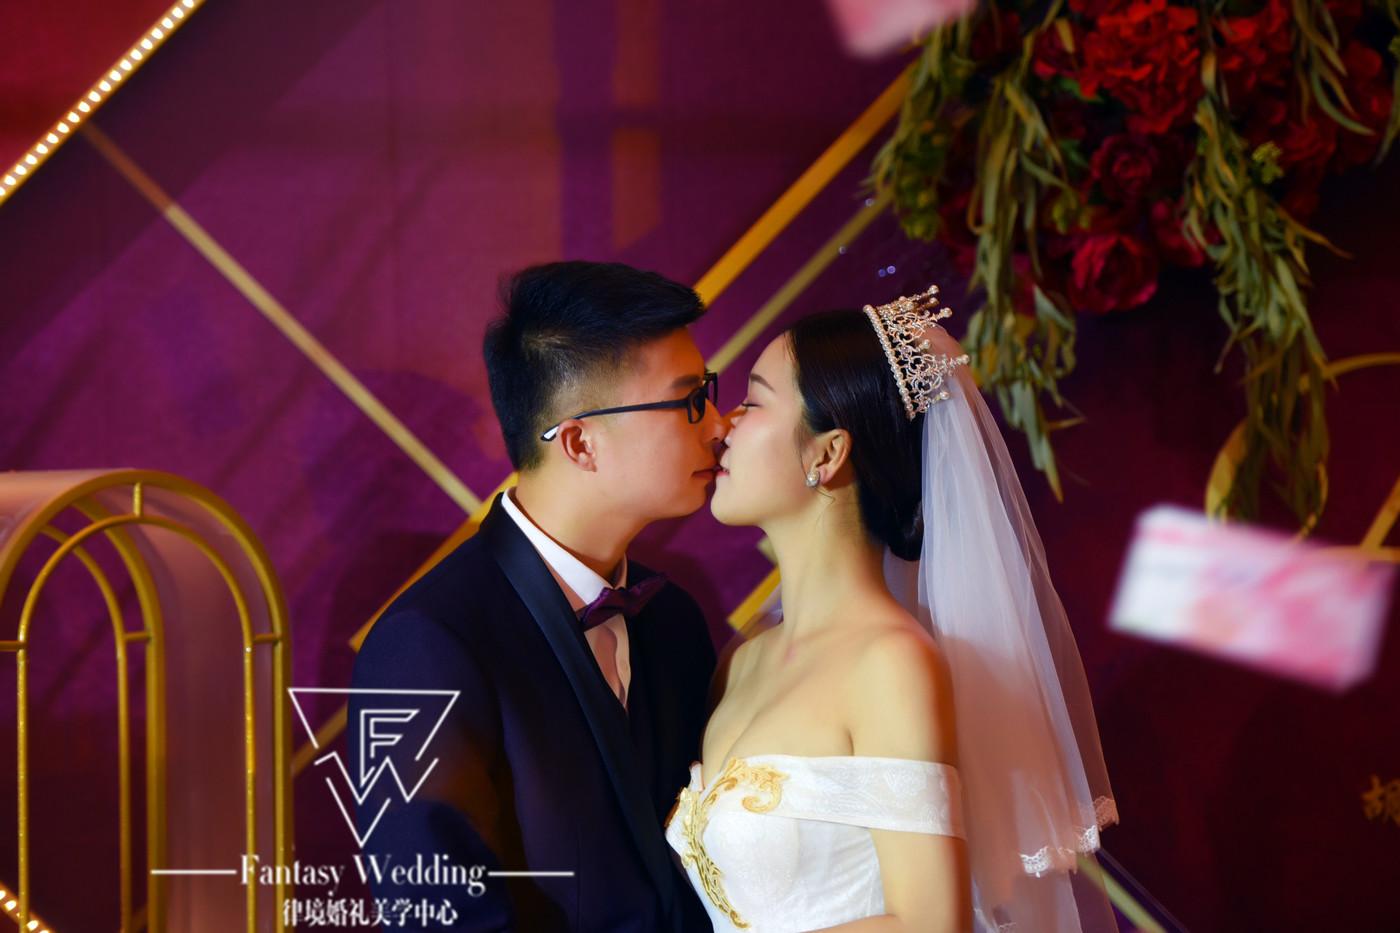 「律境婚礼」 胡萝卜& 方莱婚礼27